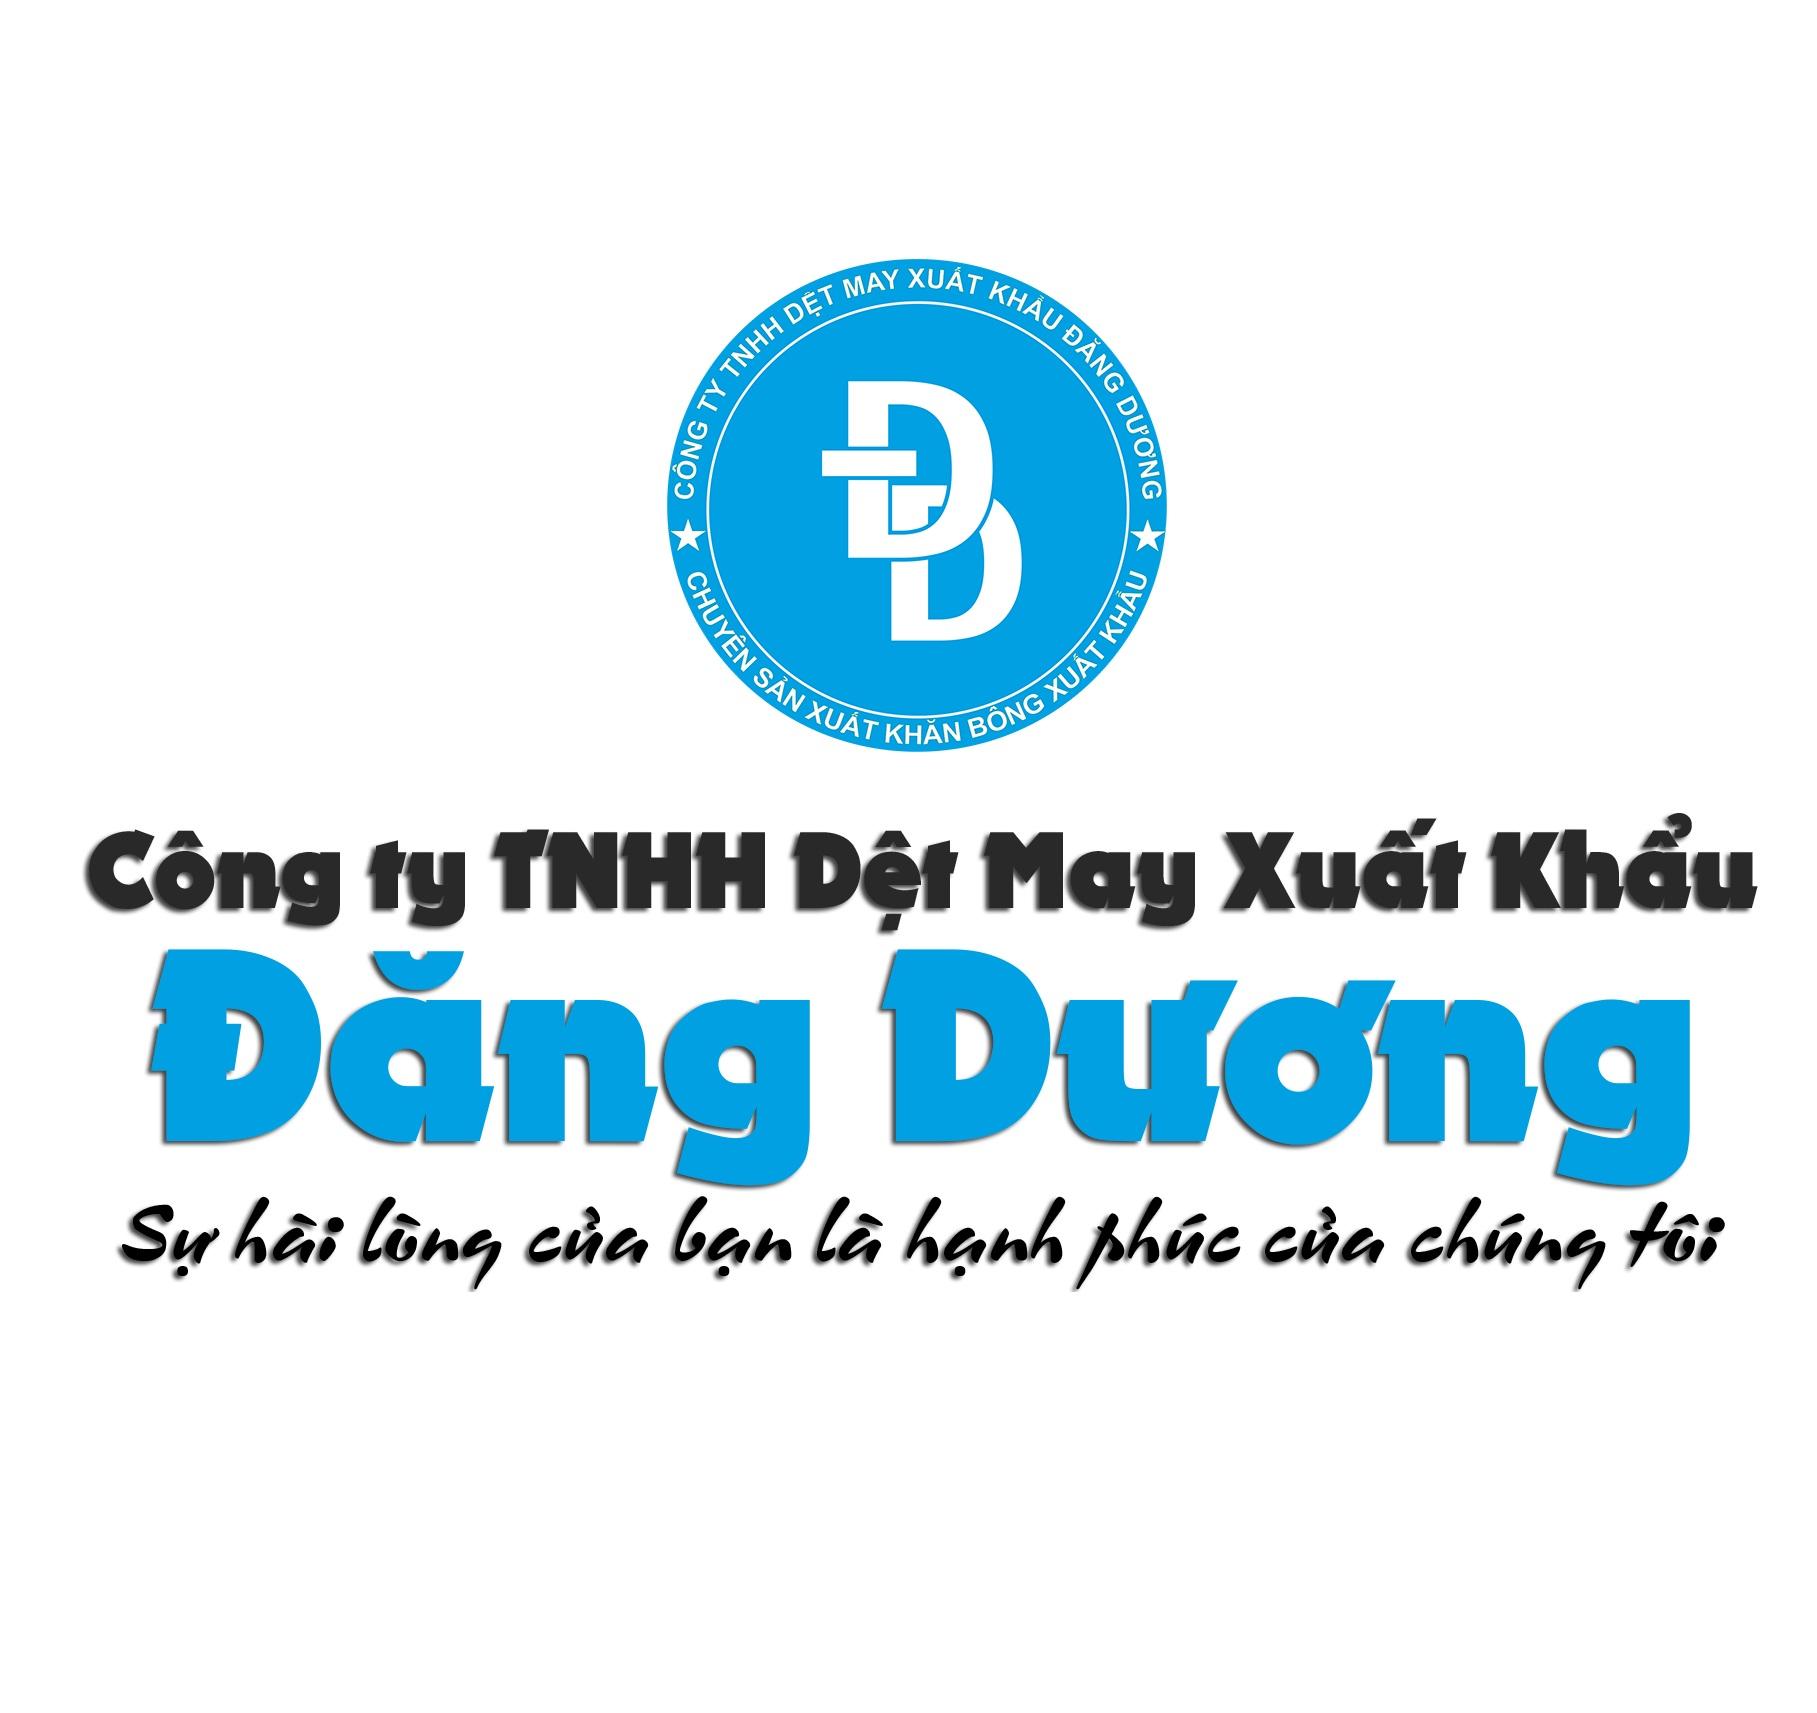 Khăn Bông Đăng Dương - Công Ty TNHH May Xuất Khẩu Đăng Dương (Dang Duong Towel)